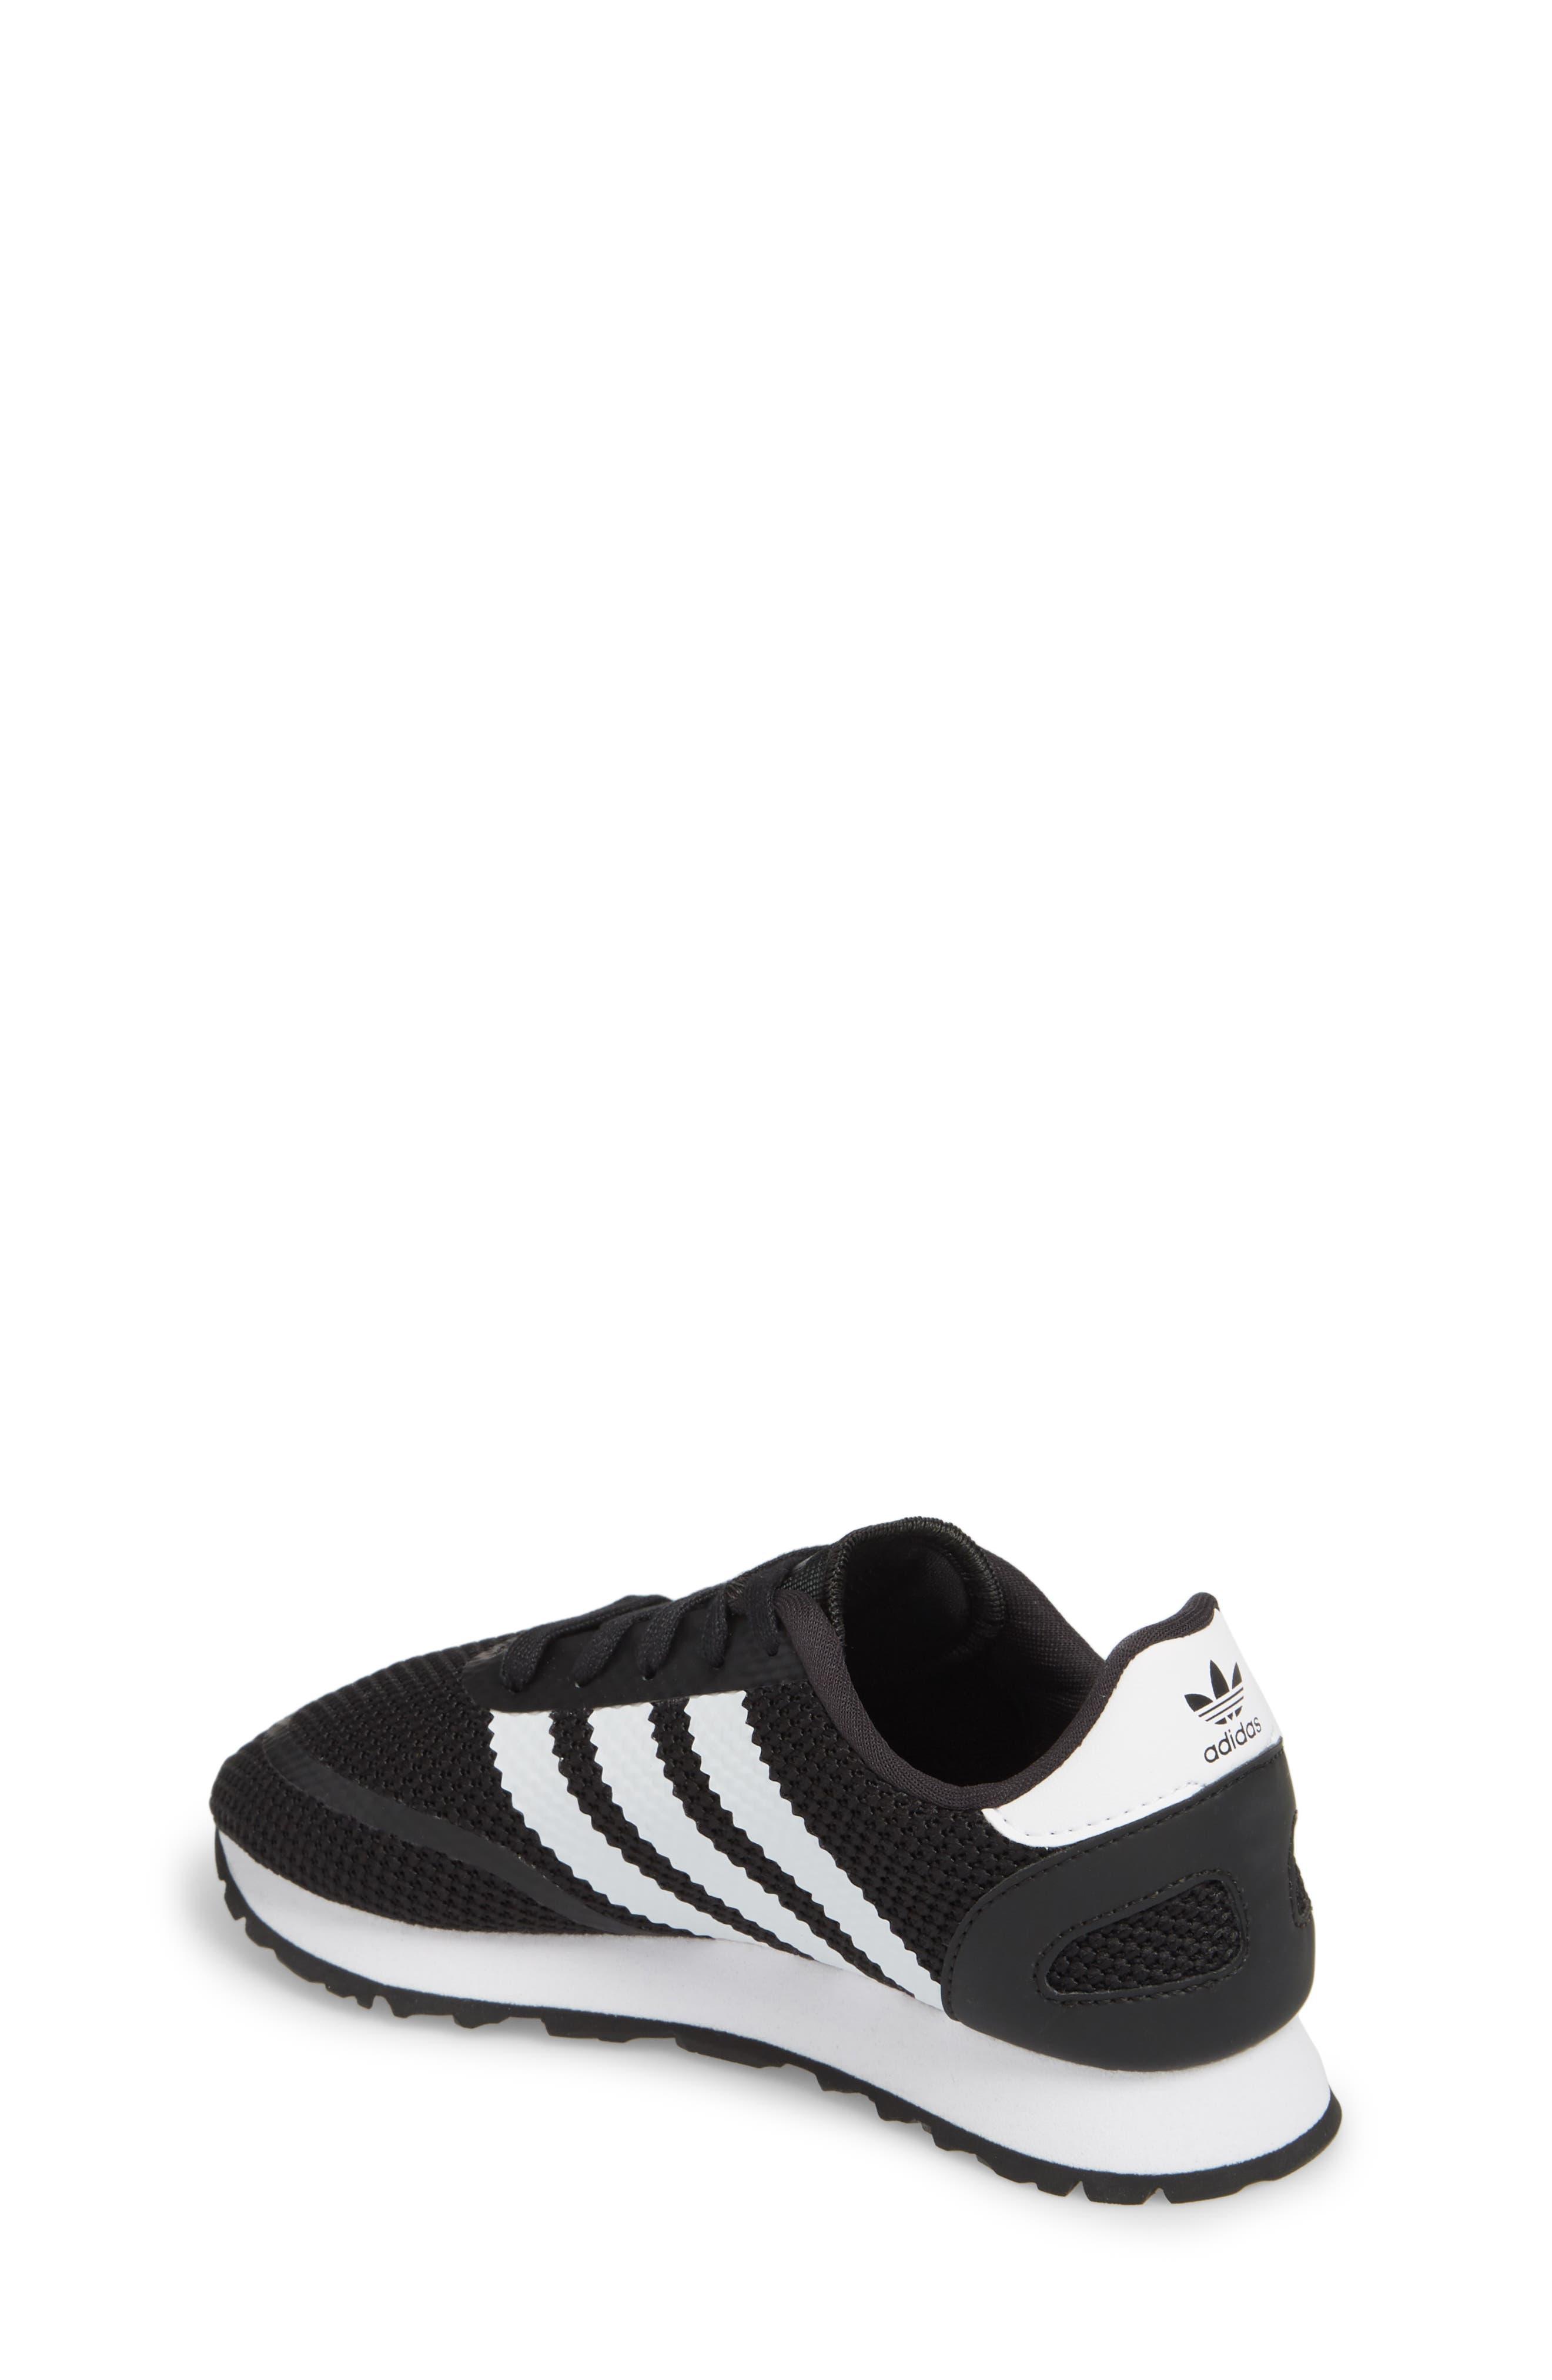 N-5923 Sneaker,                             Alternate thumbnail 2, color,                             Black/ White/ Black